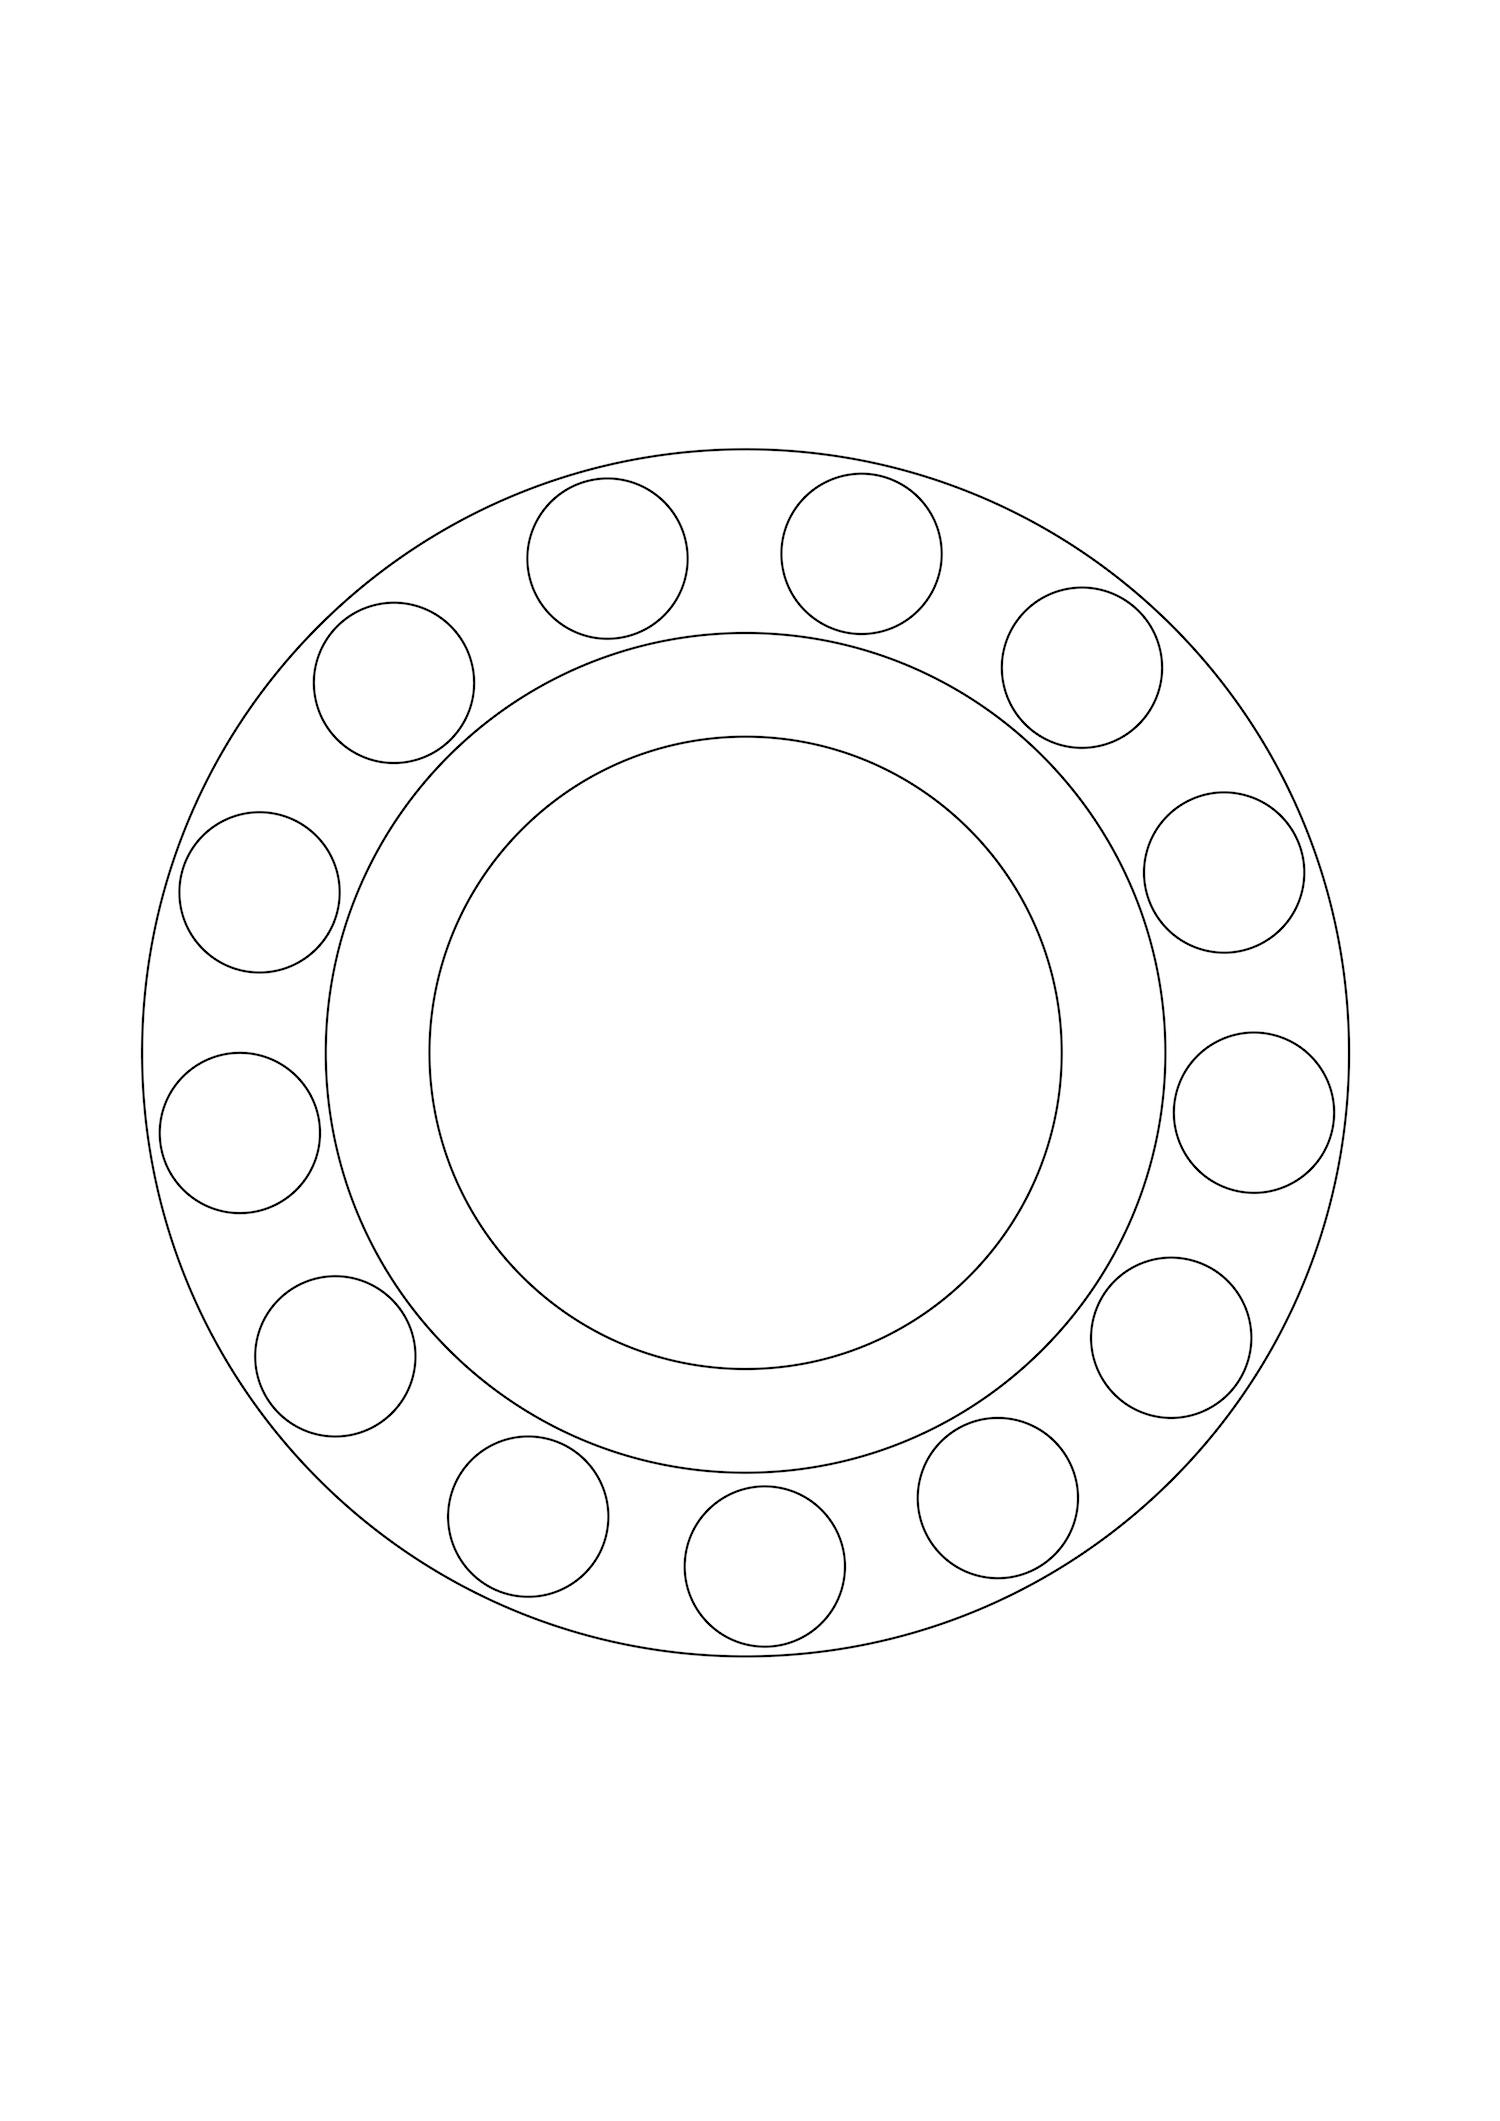 3_Zeichenfläche 1.jpg